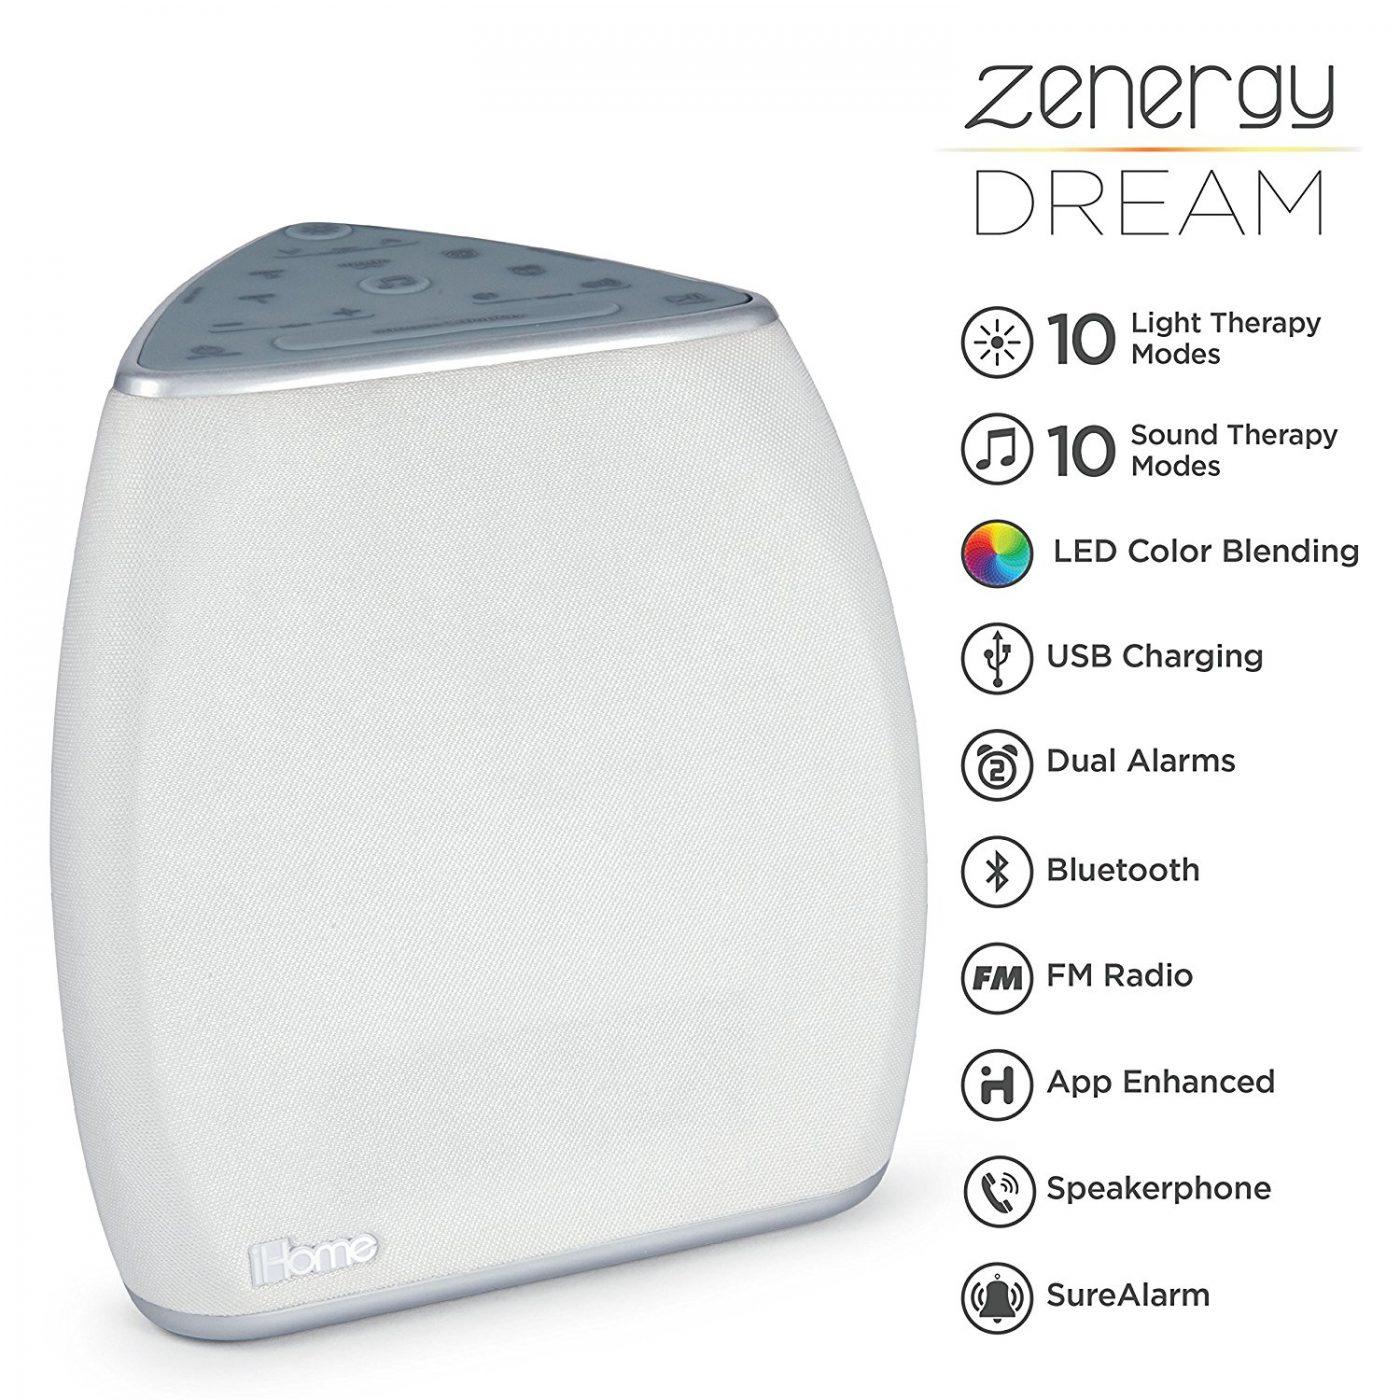 iHome Zenergy Bedside Sleep Therapy Machine Features